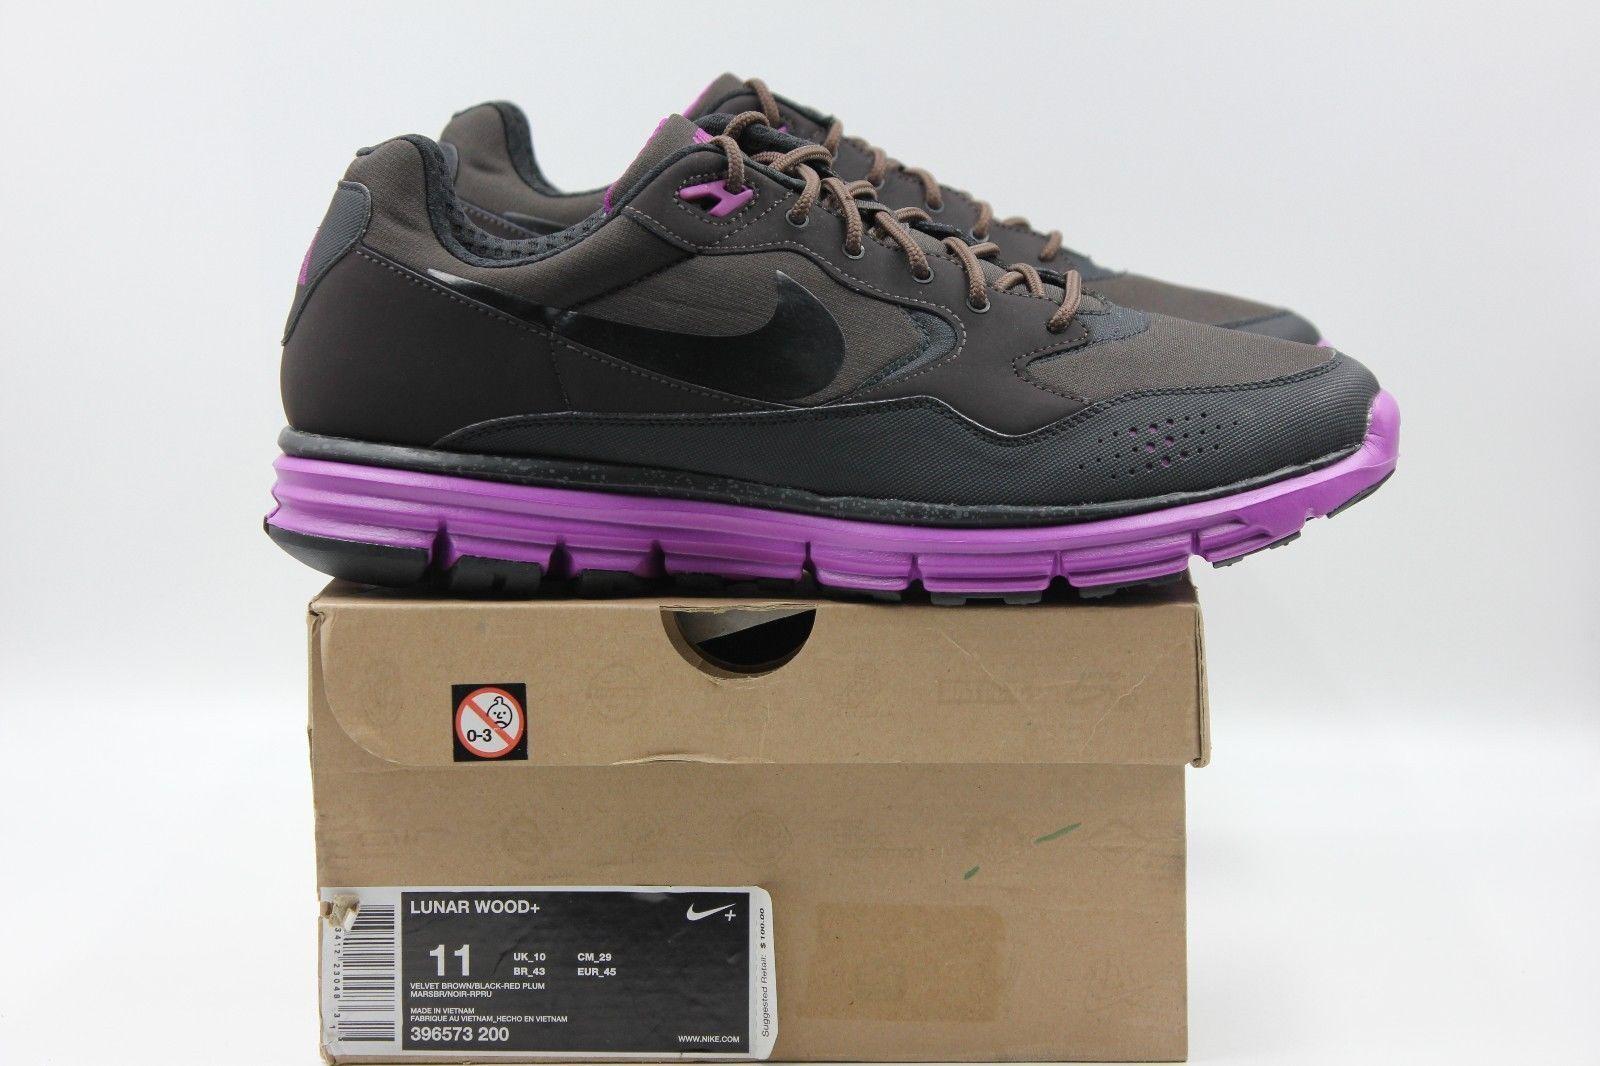 NIKE Lunar Wood+ Sneaker Schuhe Gr:45 Running Laufen Trendiger Alltags Schuh Neu